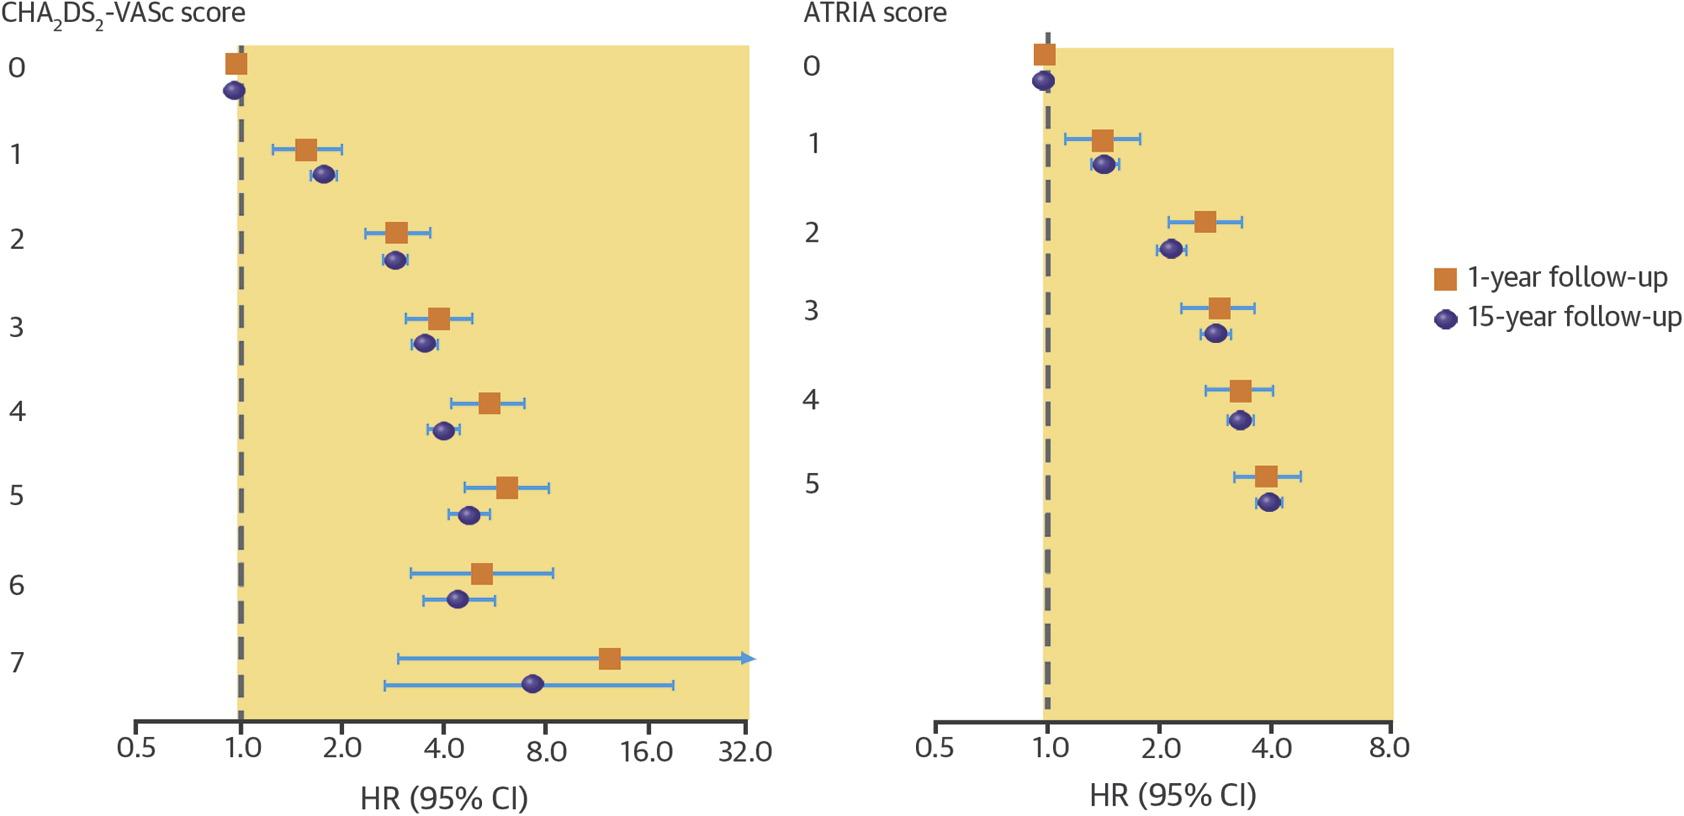 アジア人でもCHA2DS2-VAScスコア0点は脳卒中低リスクか?:JACC誌_a0119856_2141493.jpg